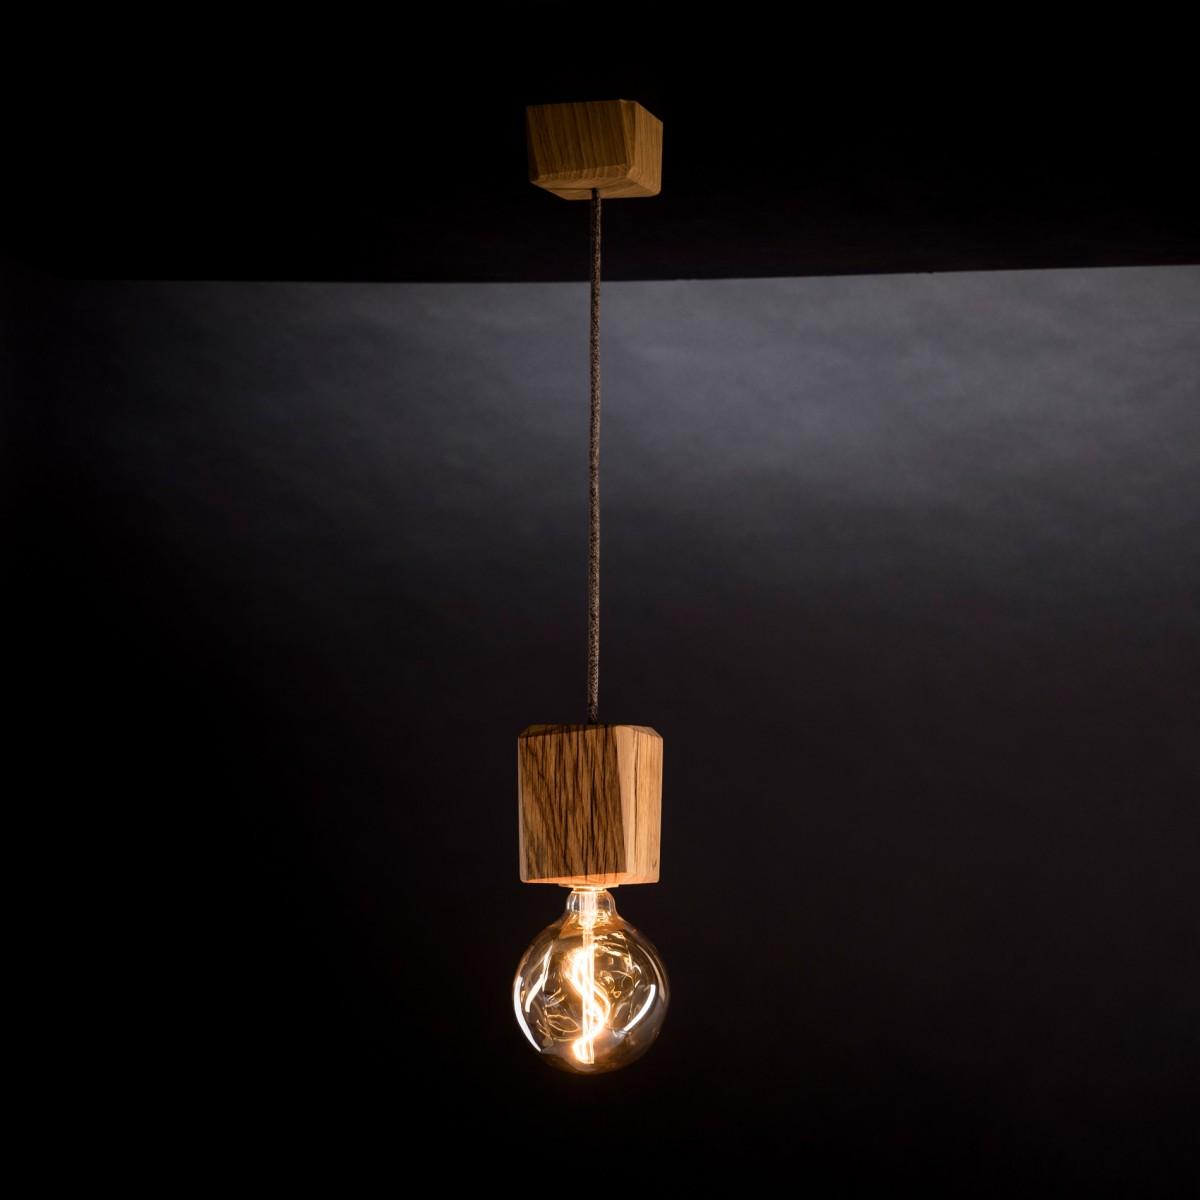 KUBUS | Hängeleuchte aus Holz von Verschnitt ohne Leuchtmittel